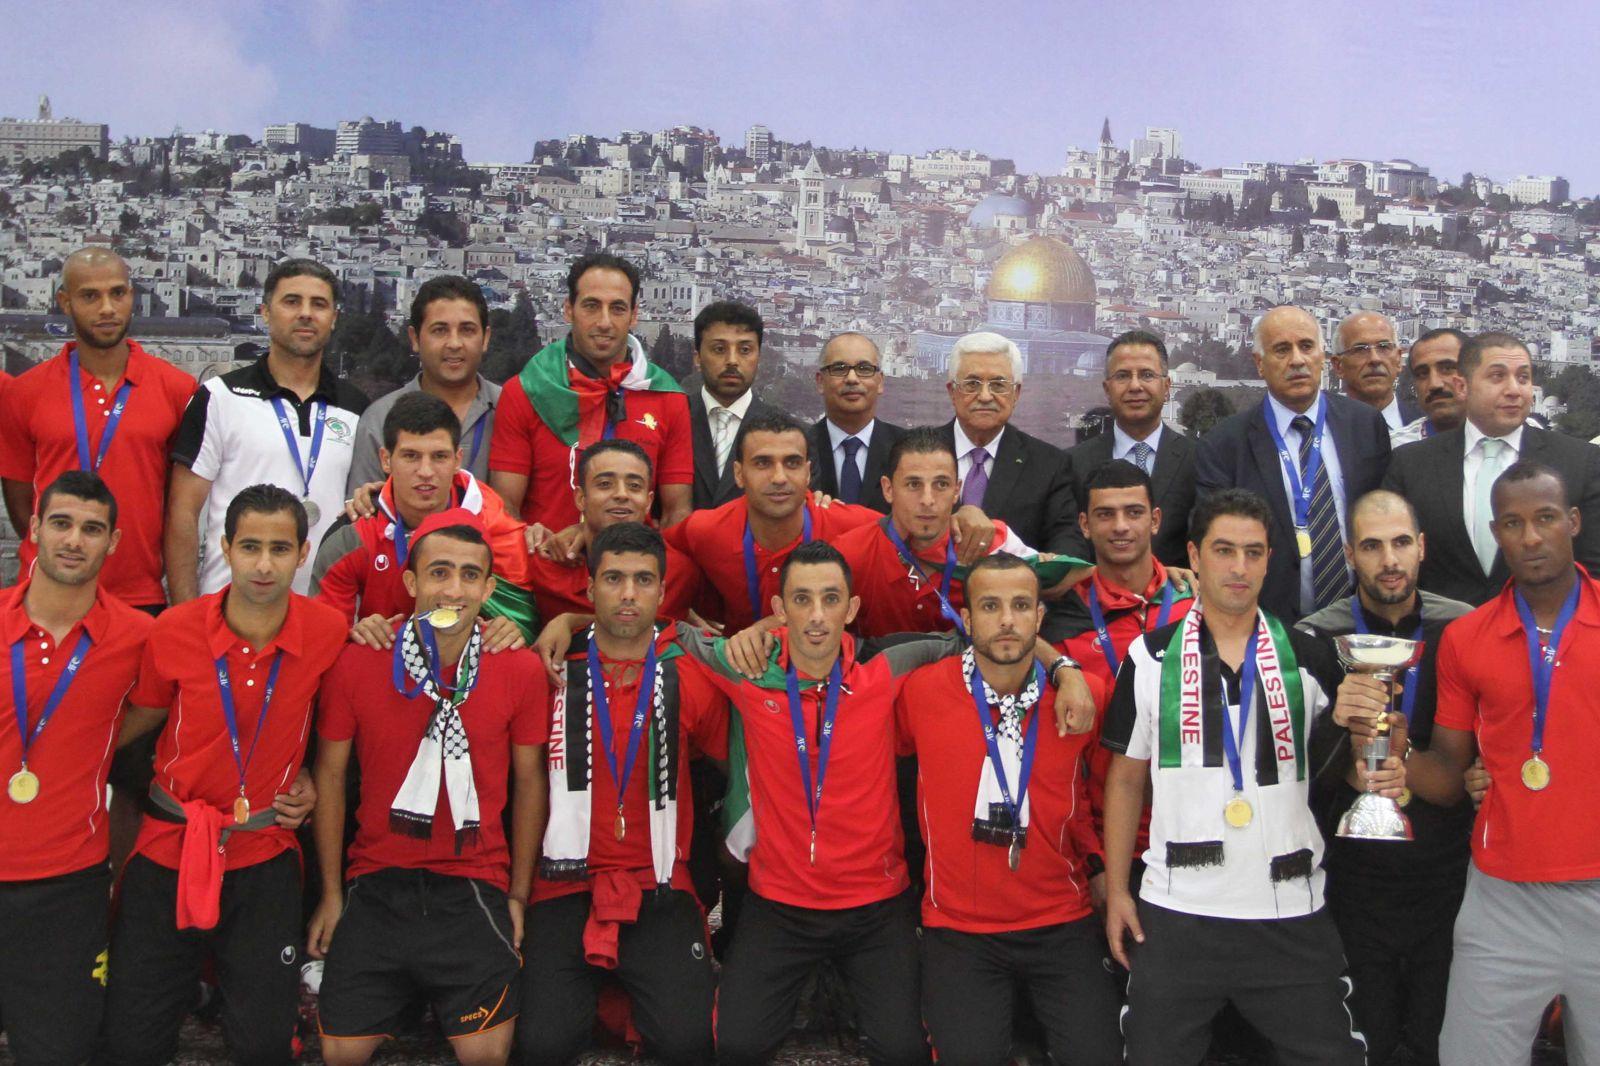 صور منتخب فلسطين 8 صور منتخب فلسطين خلفيات المنتخب الفلسطيني